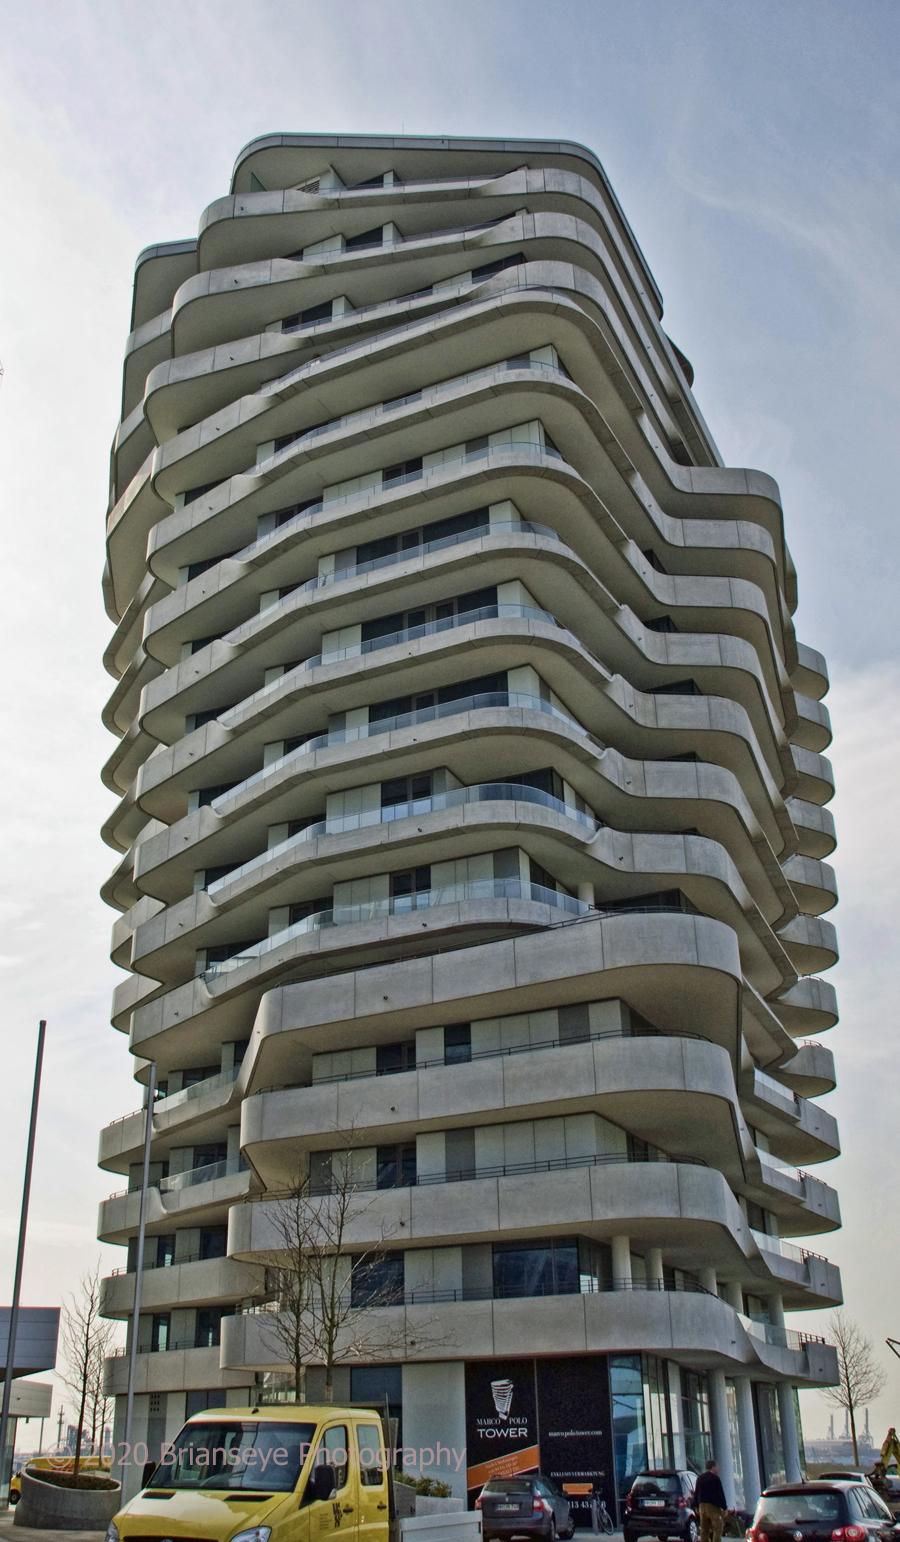 Brianseye - Architecture (43)